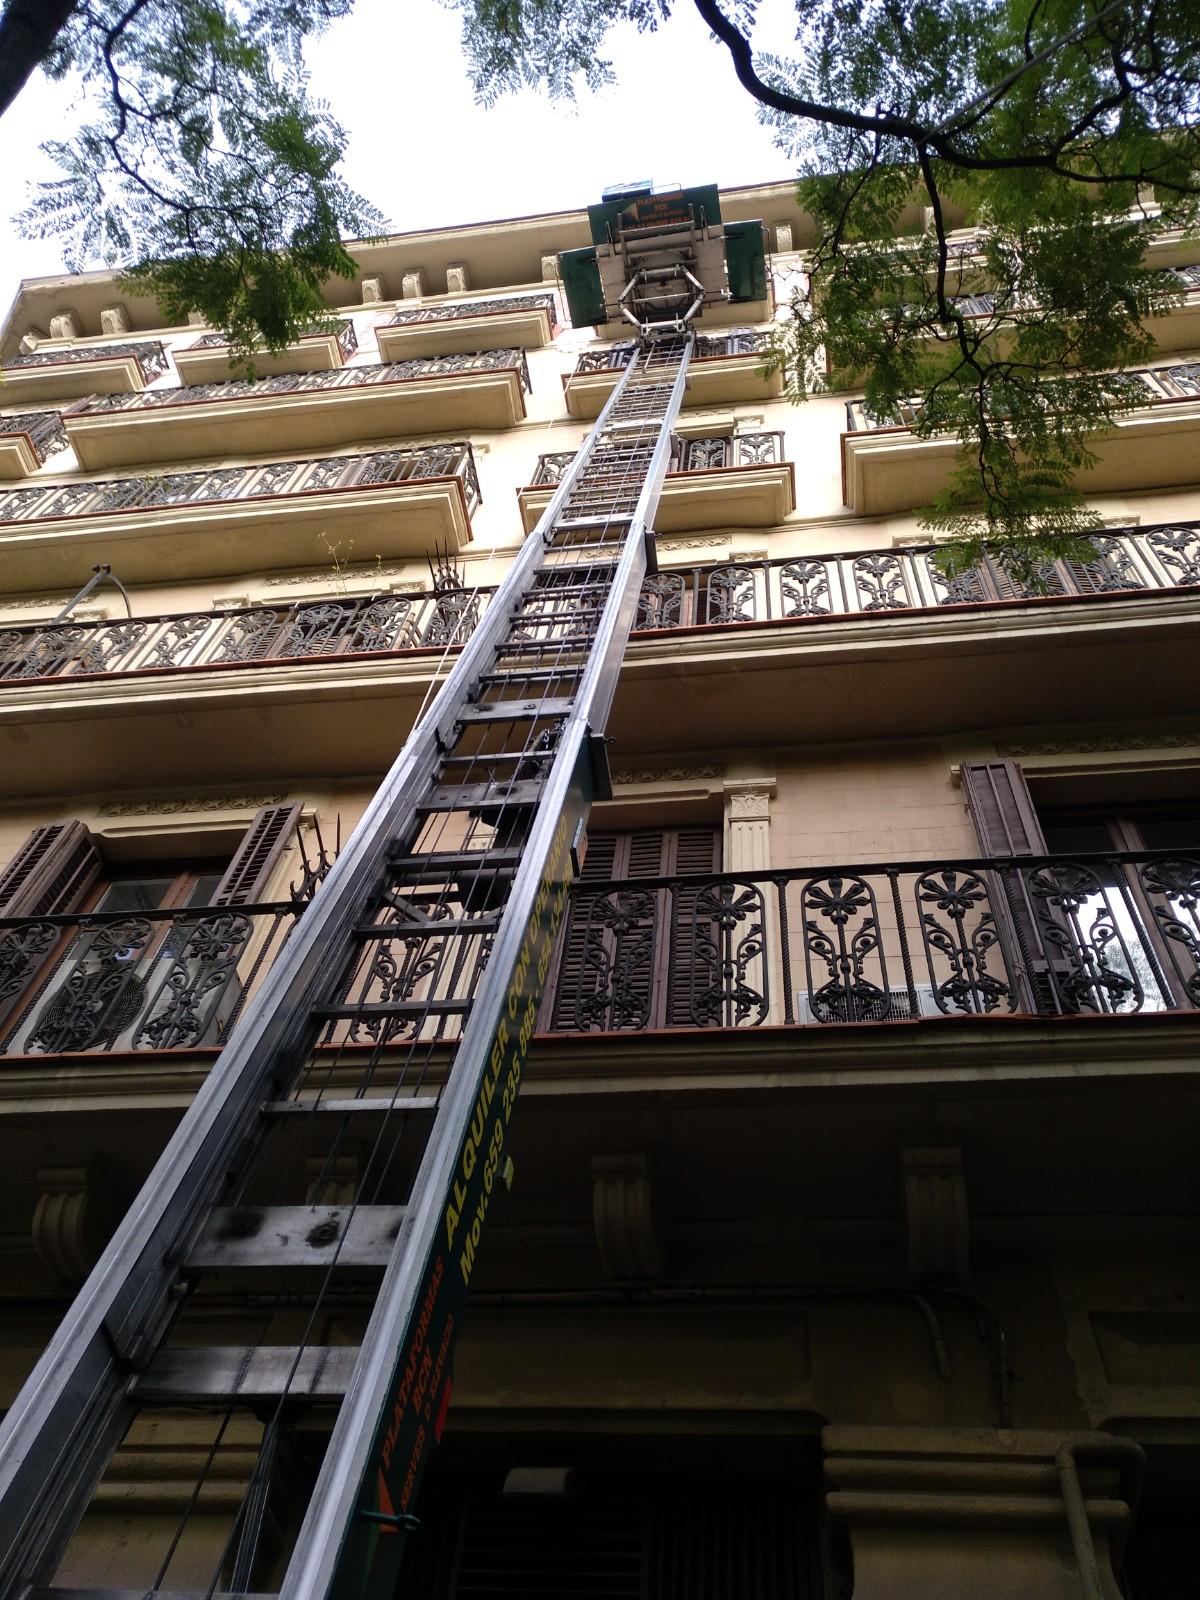 Moving in Barcelona